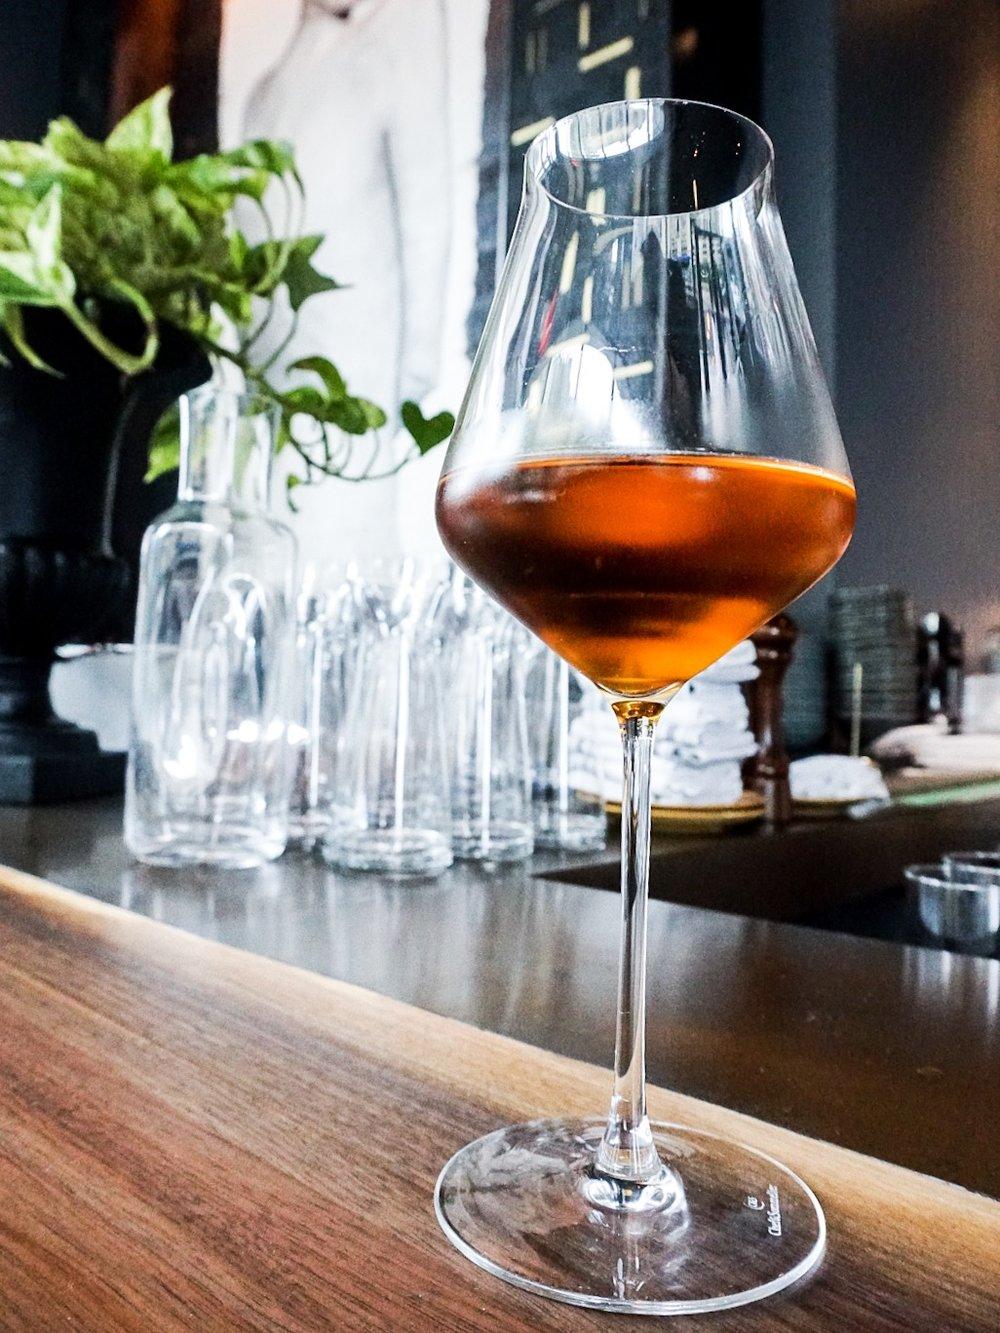 Orange Wine at Nathálie Wine Bar